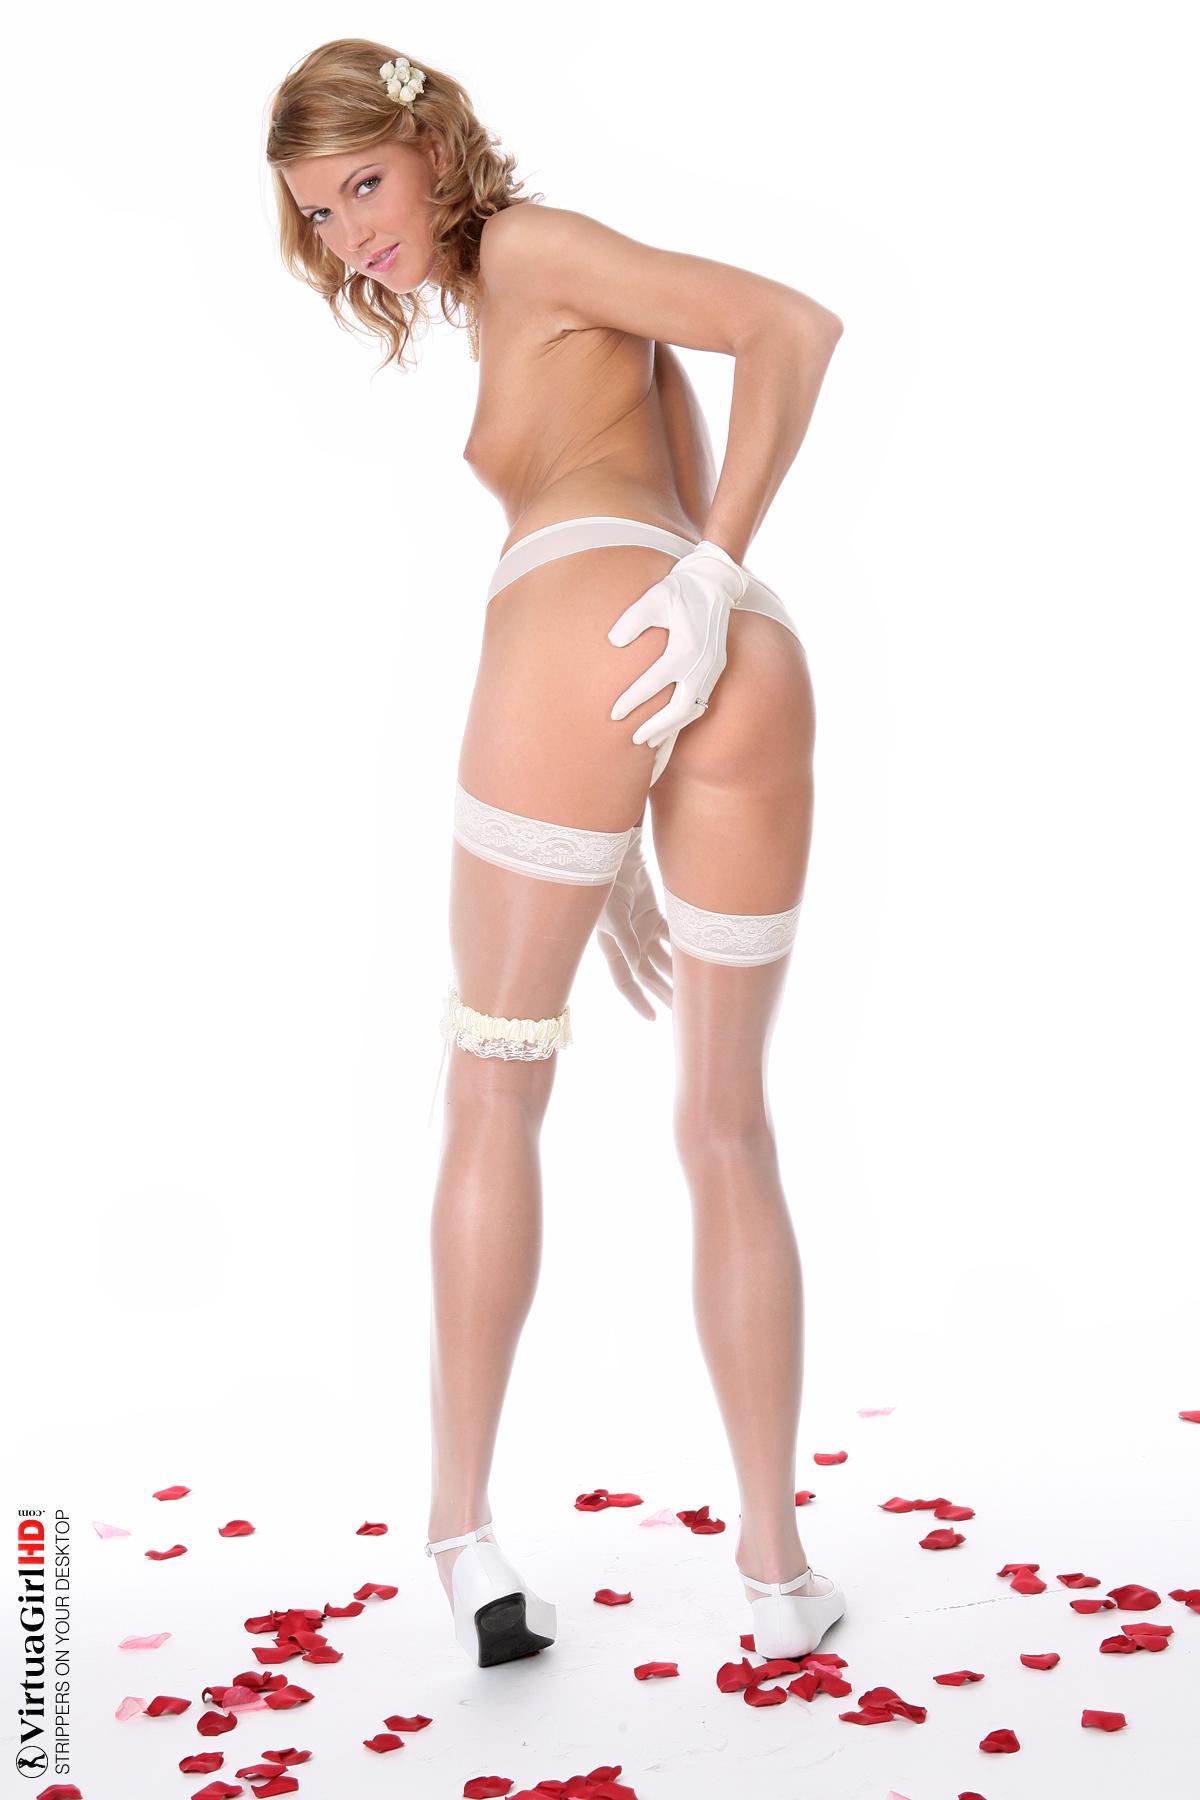 2 hot girls stripping